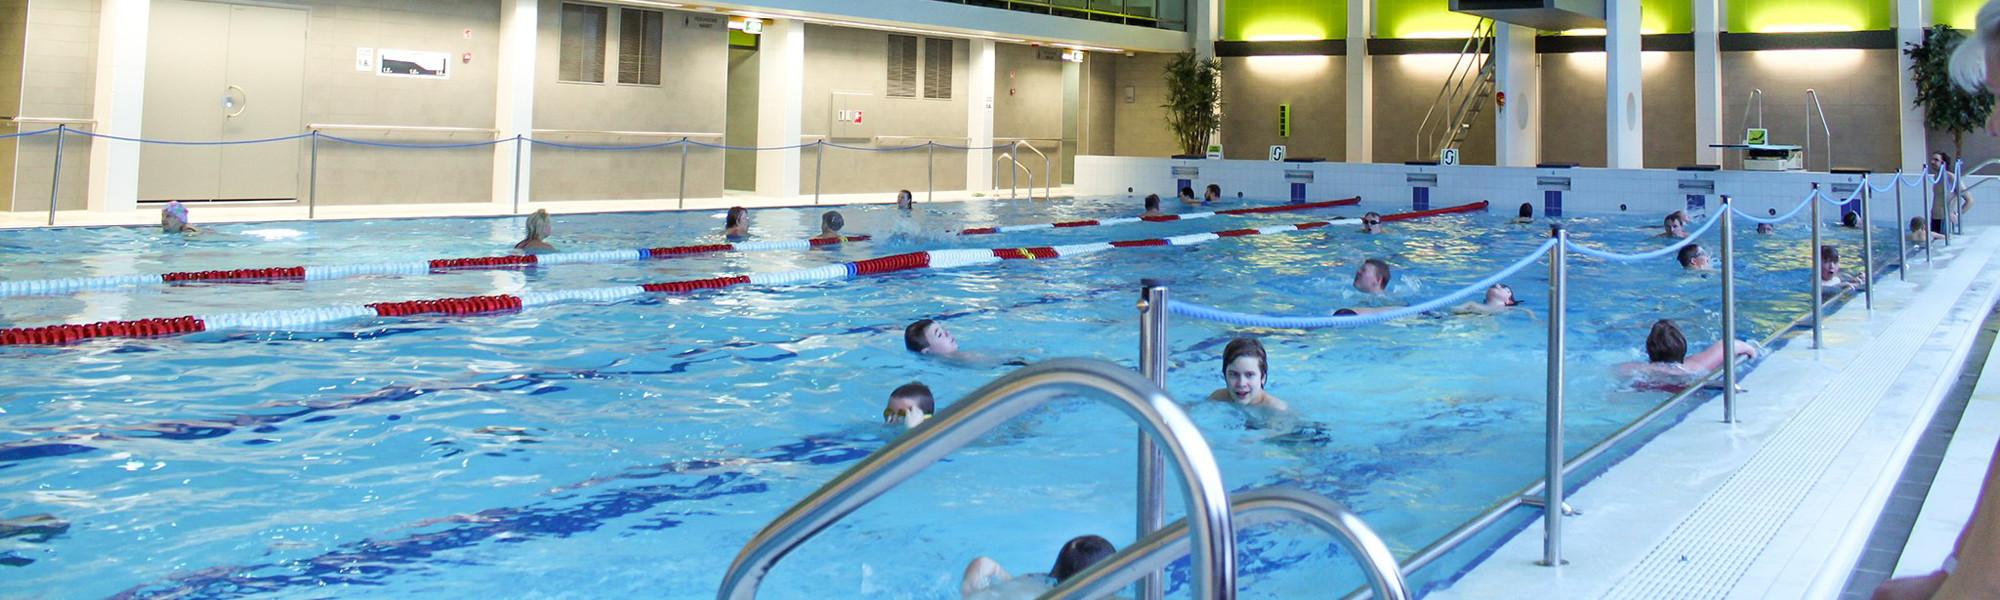 Kuva Karhulan uimahallista